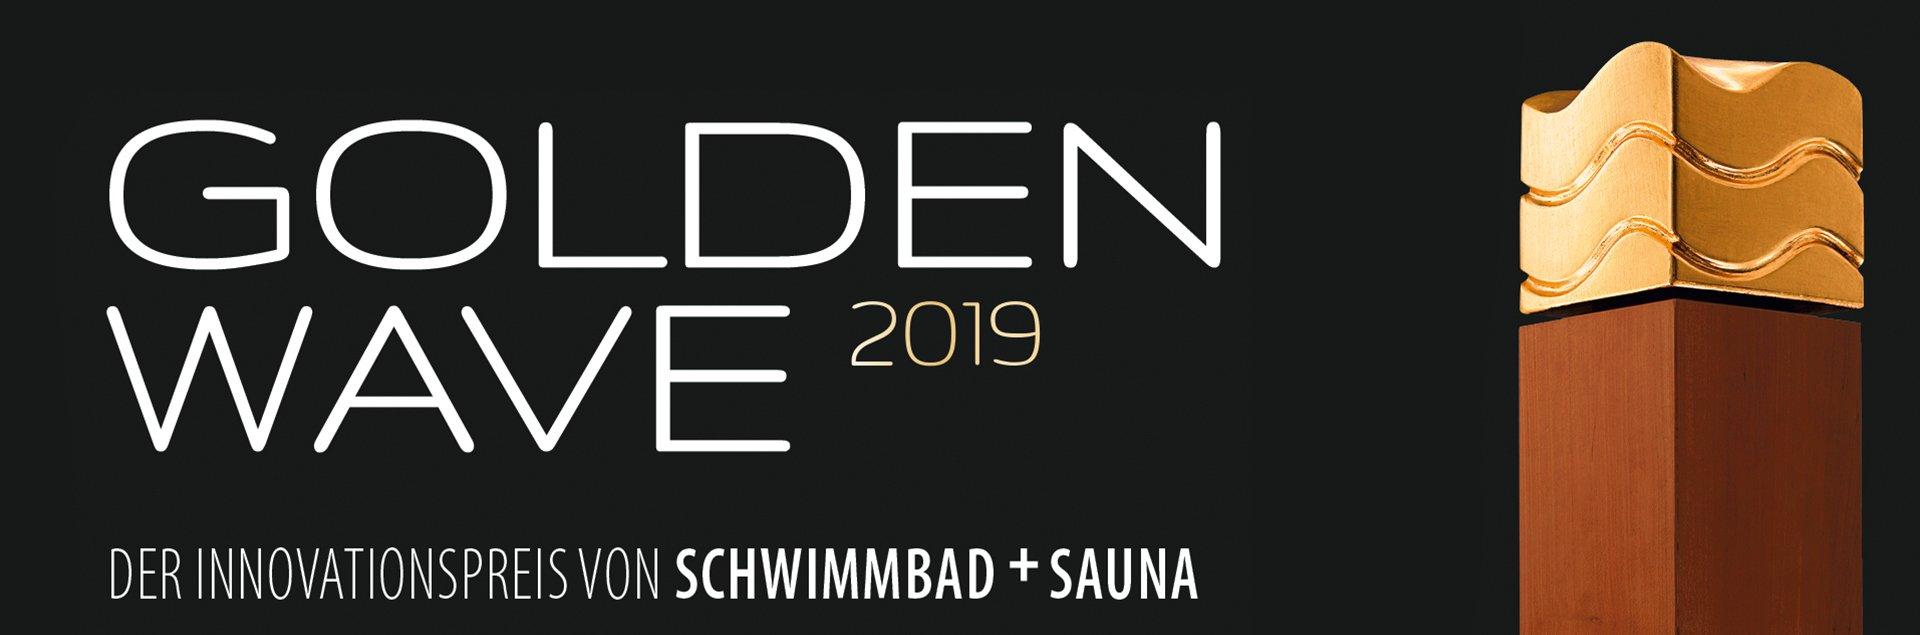 rubrik-golden-wave-fachschriftenverlag